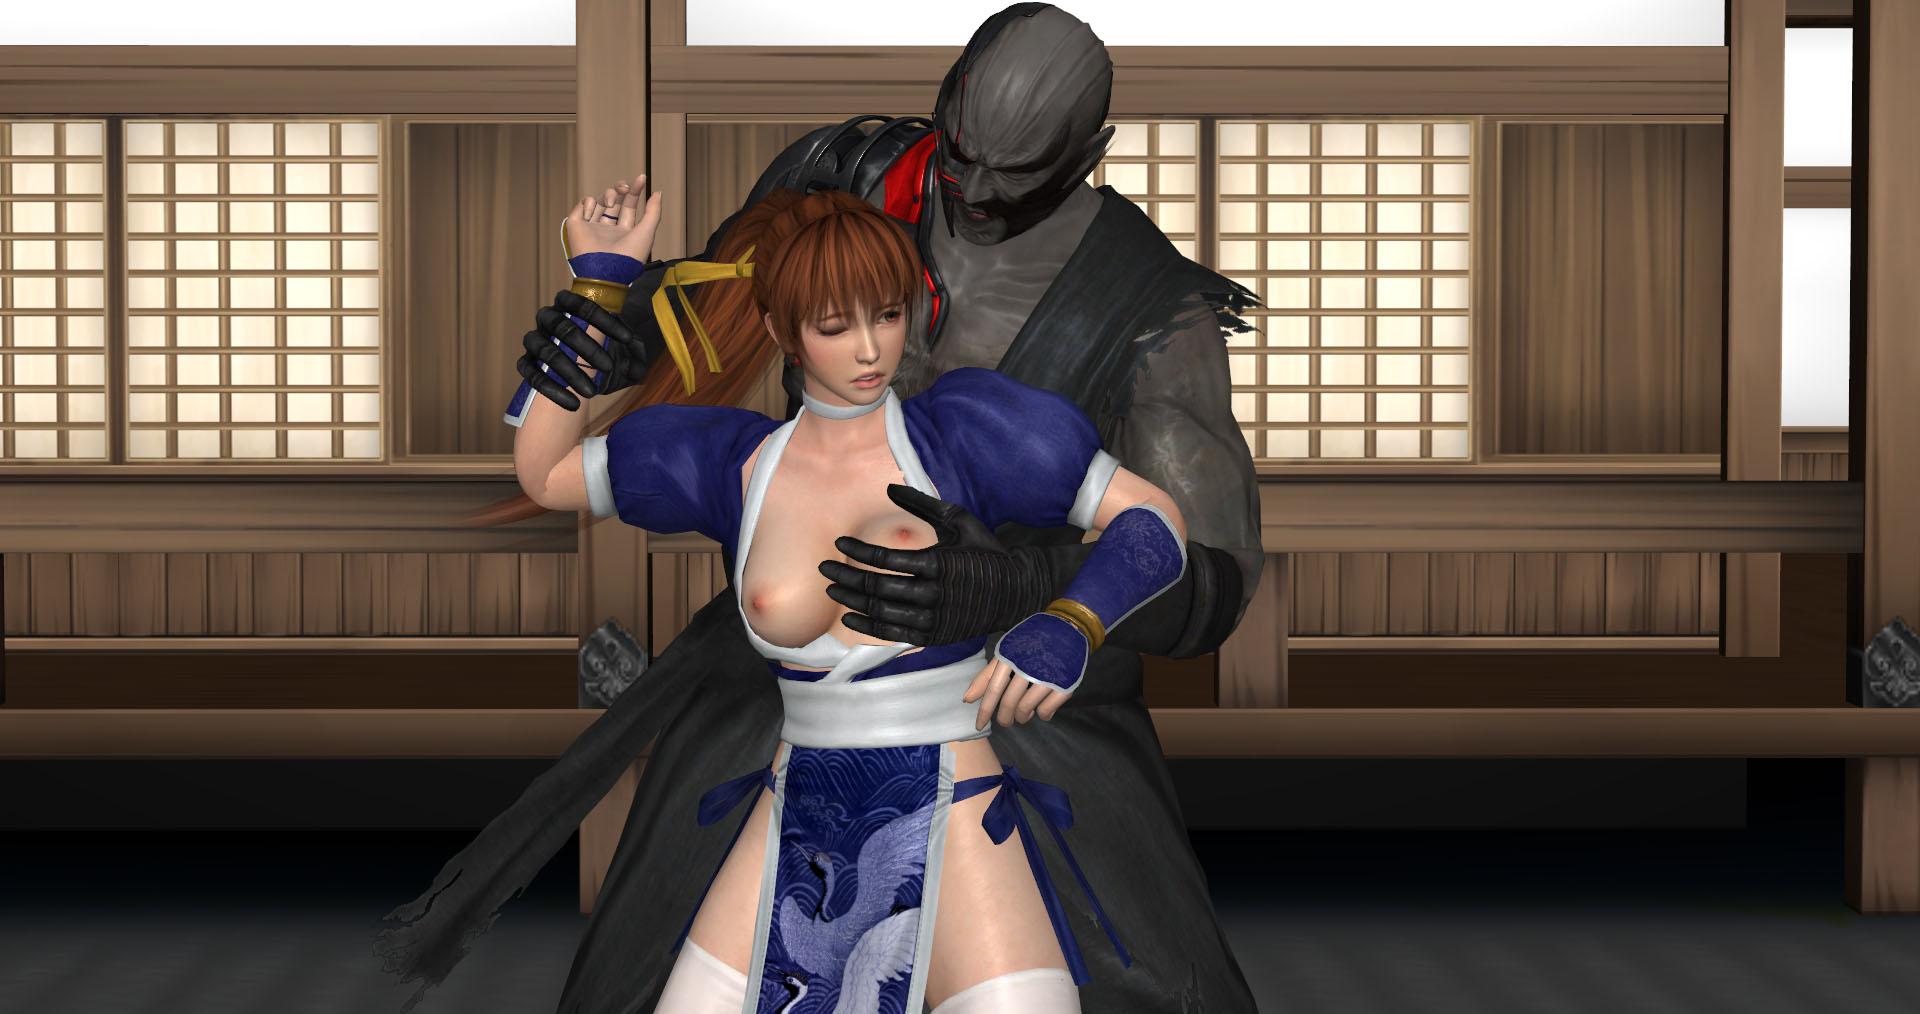 raidou_raping_kunoichi_0051_layer_6_by_bitemonsters-dbgv5ik.jpg